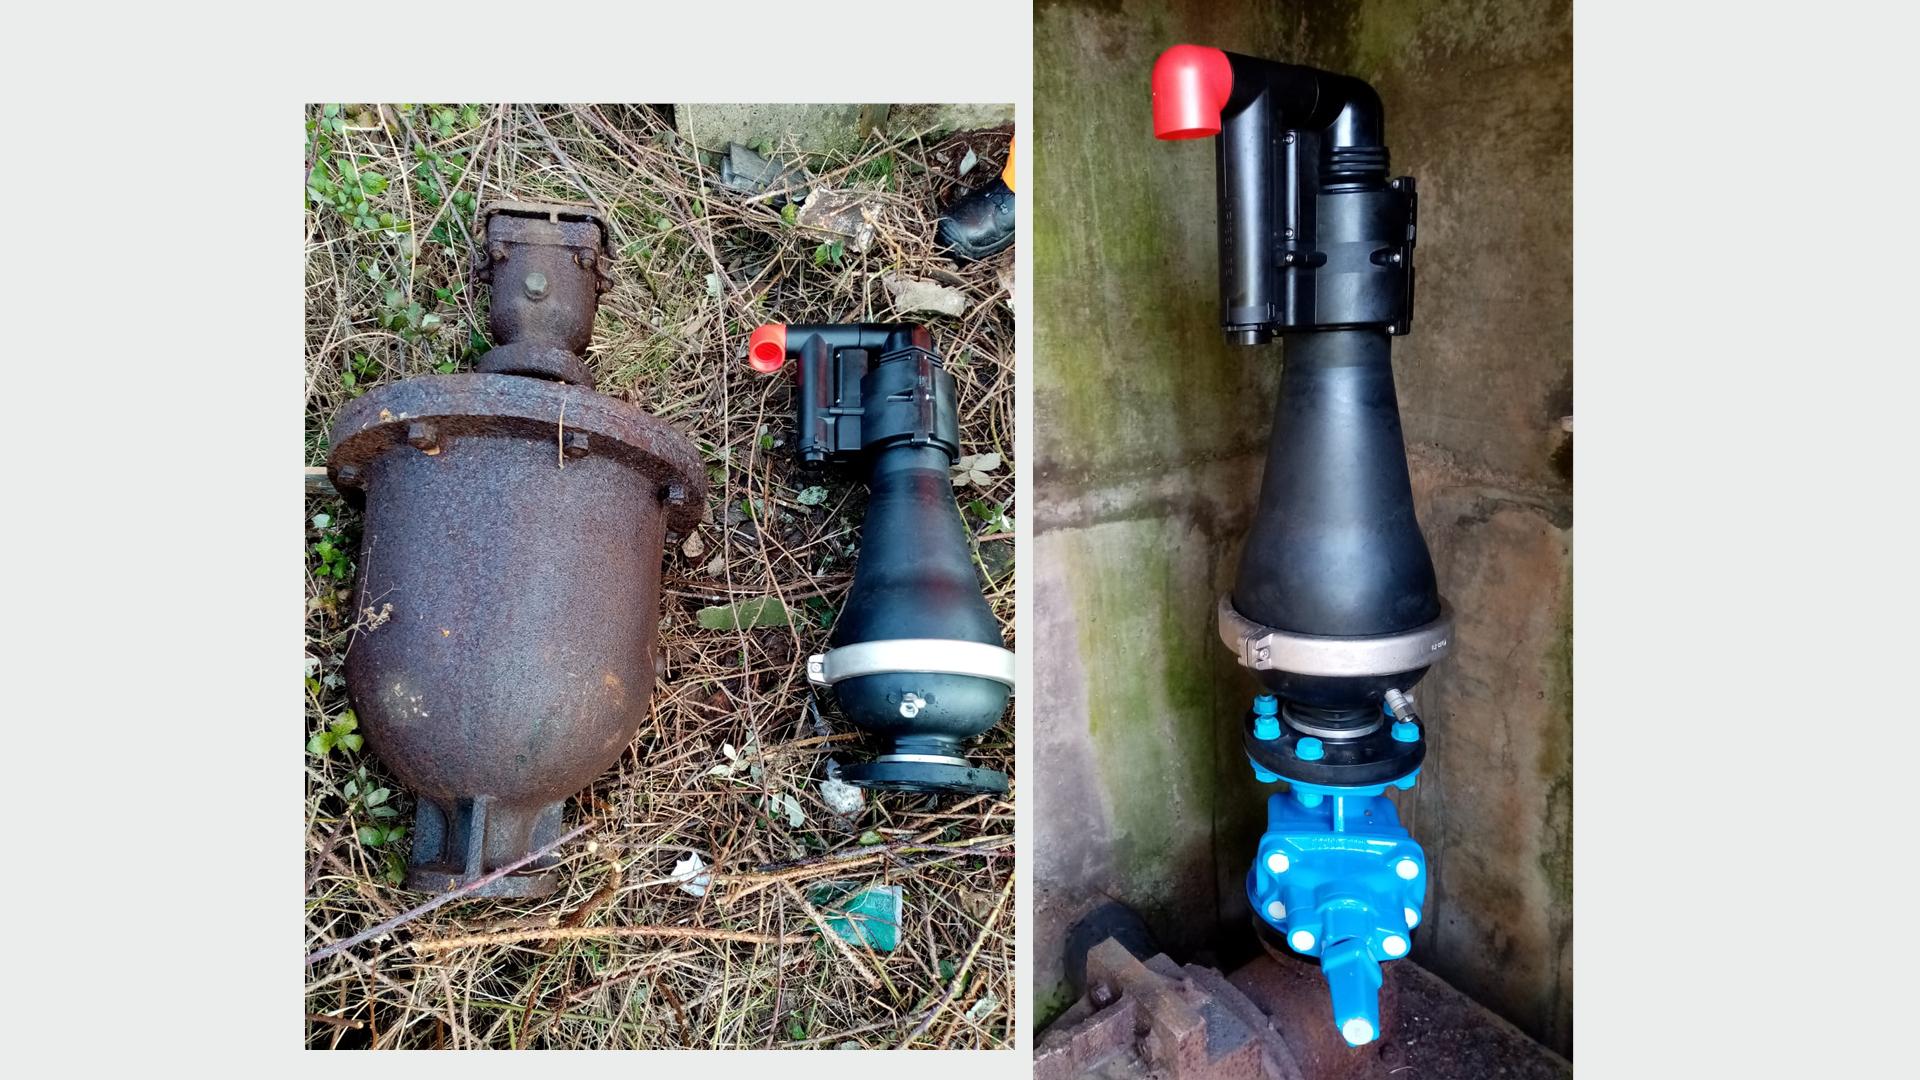 Smart Water Air Valve Installation